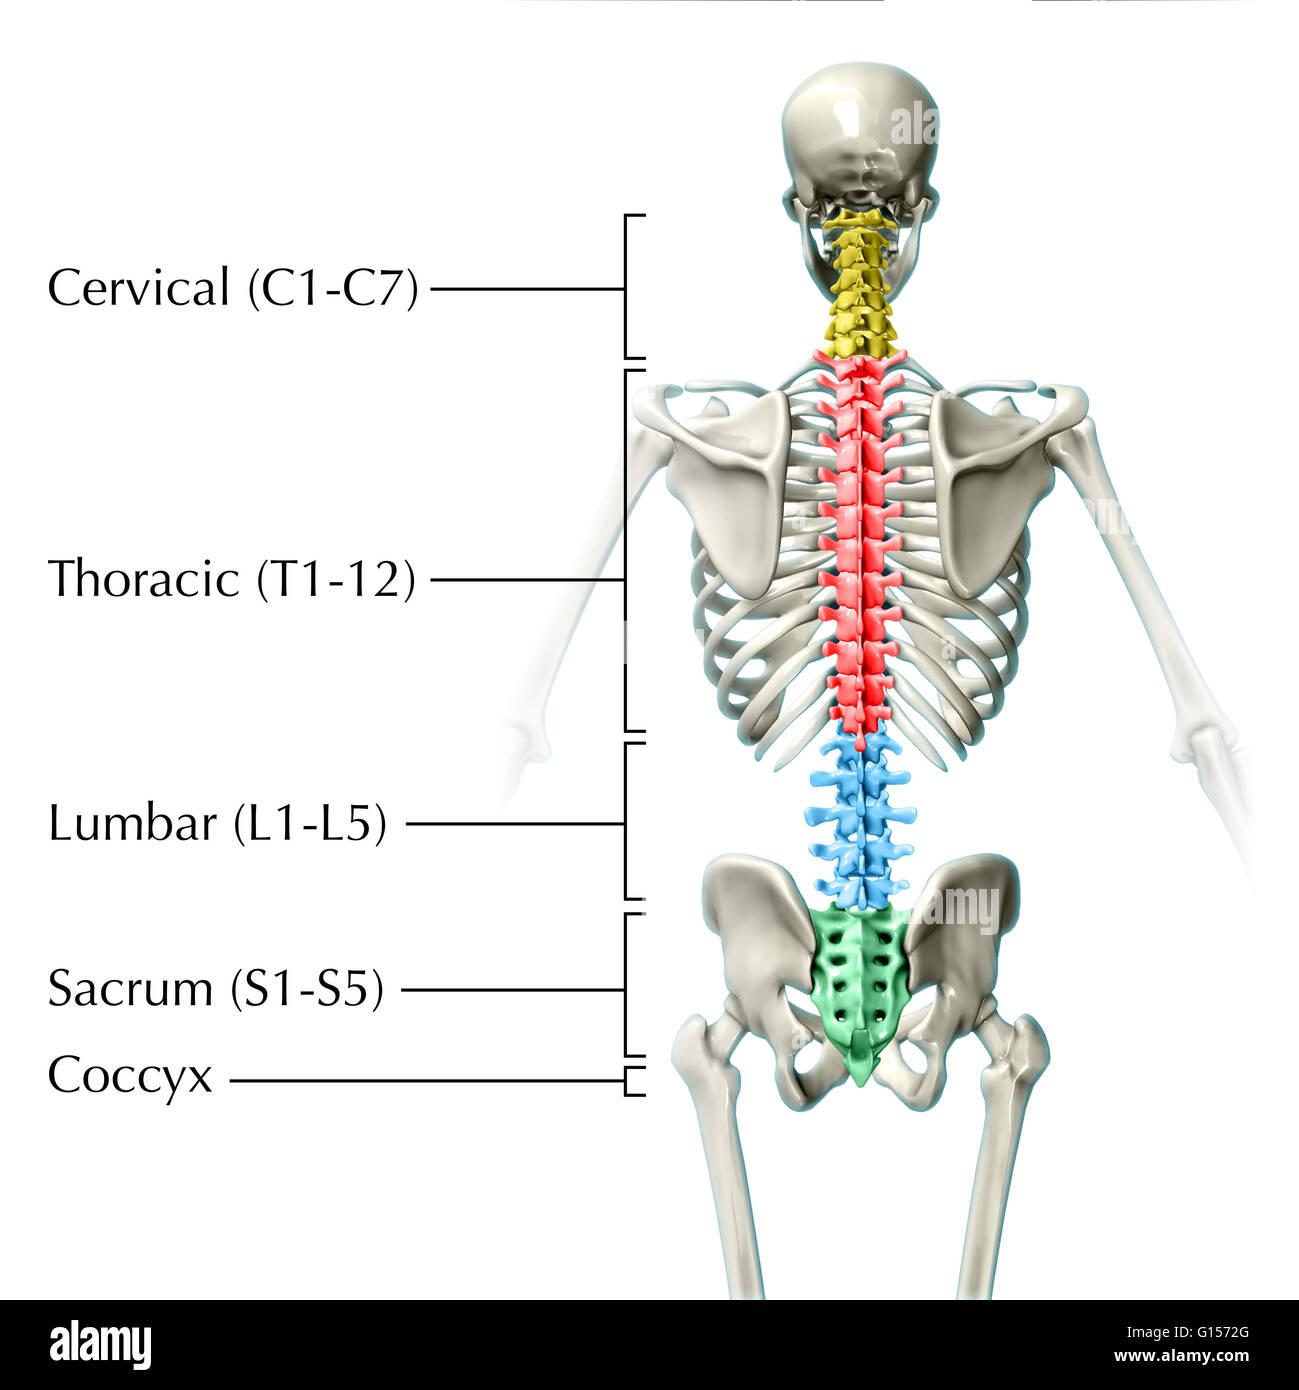 Ein 3D-Modell des menschlichen Skeletts mit verschiedenen Farben ...